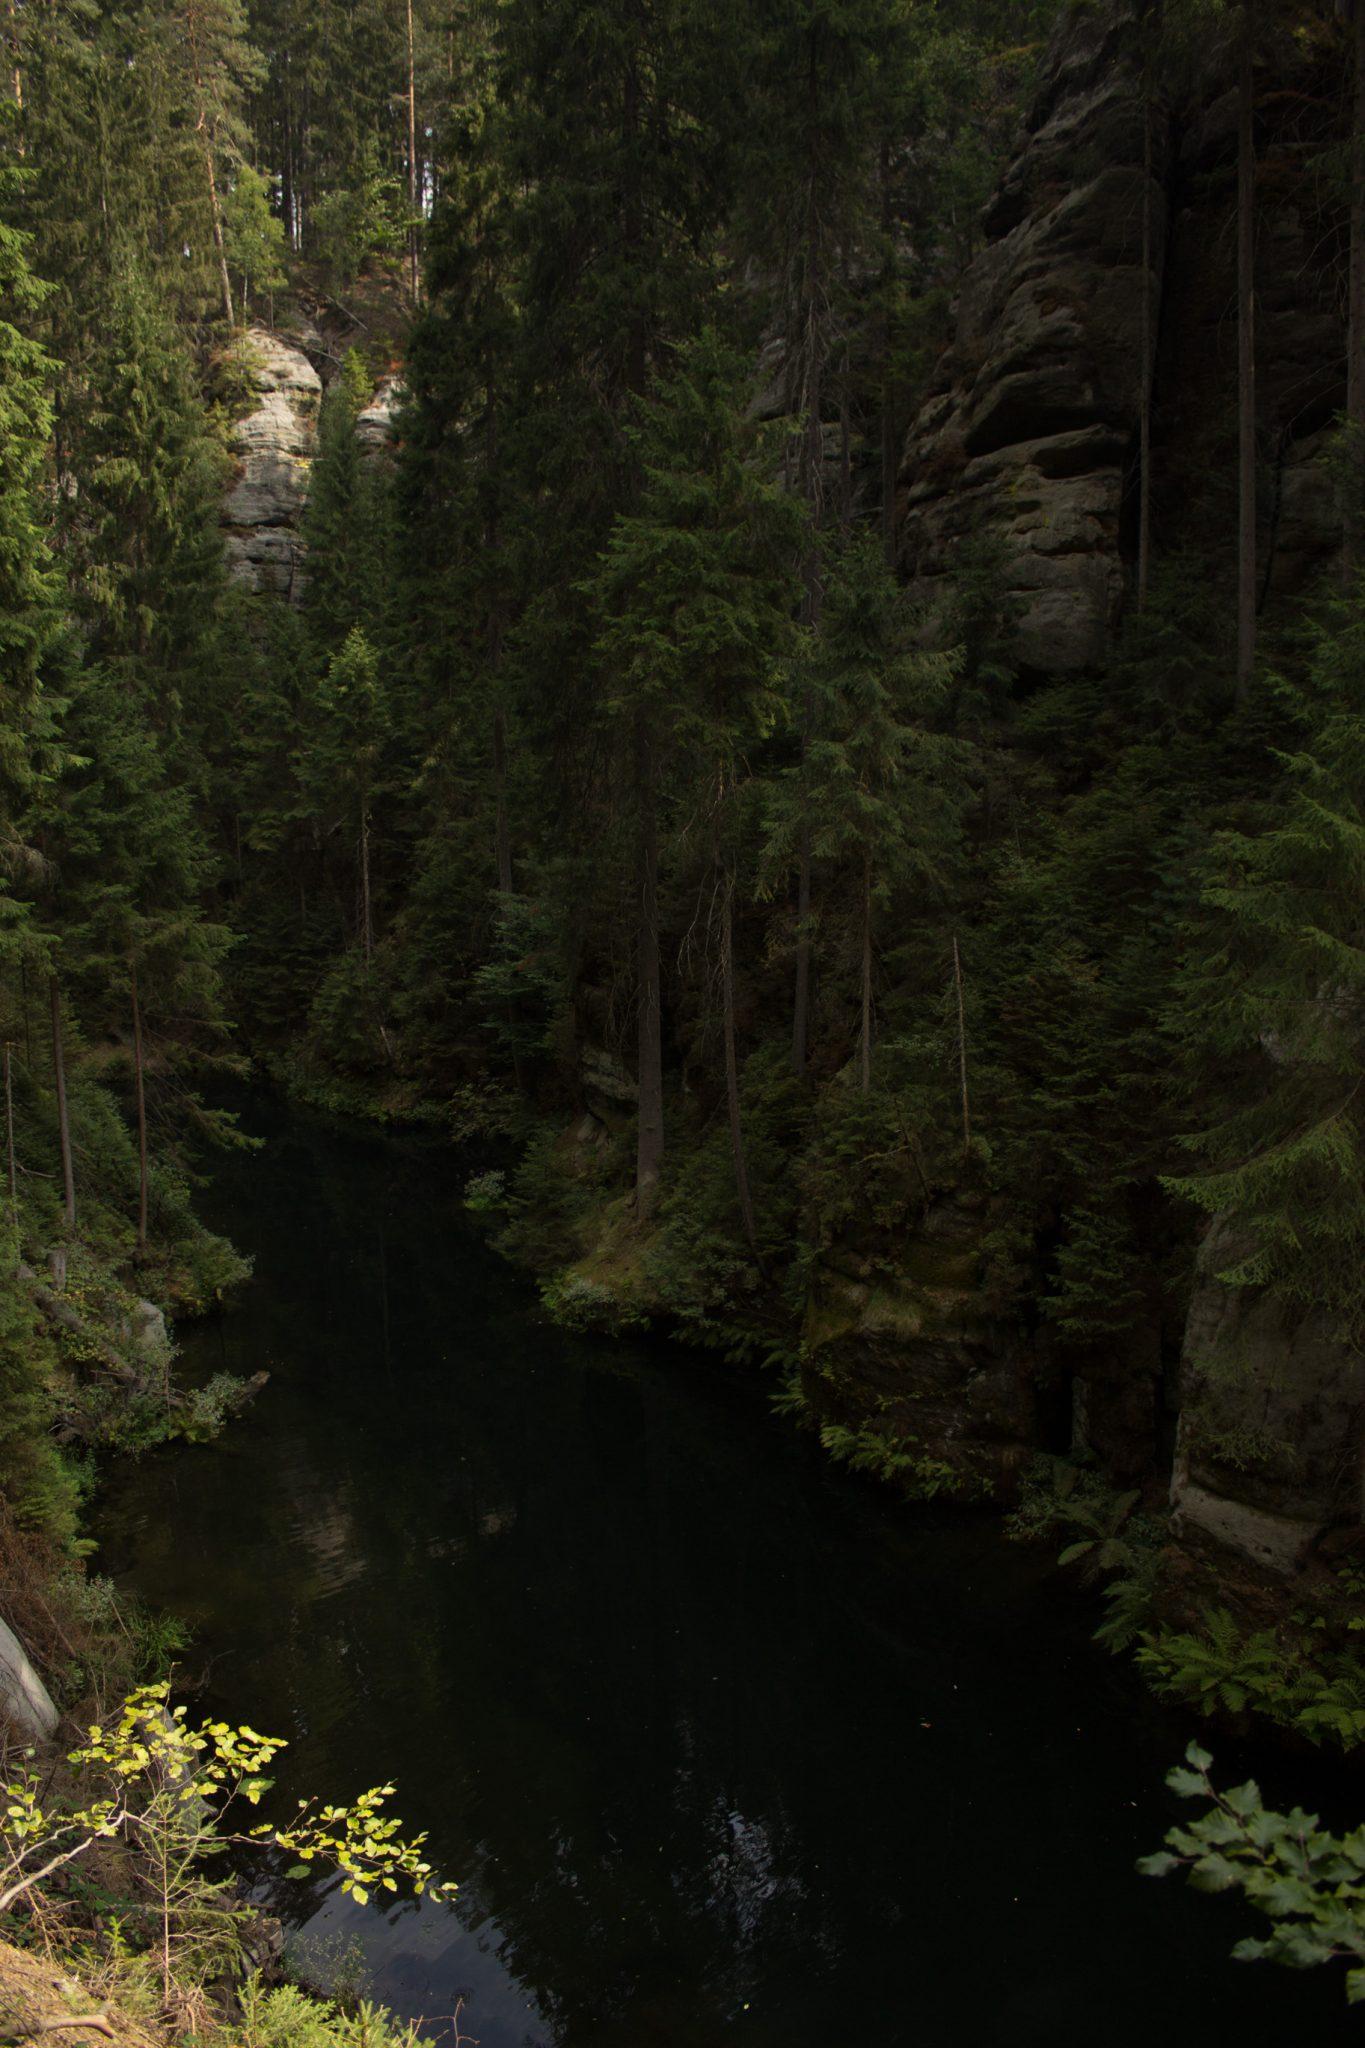 Kirnitzschklamm Hermanseck und Königsplatz im Kirnitzschtal wandern, Wanderweg im Wanderparadies Sächsische Schweiz mit vielen tollen Aussichten, riesiger Felsennationalpark, Blick in die Kirnitzschklamm vom Wanderweg aus